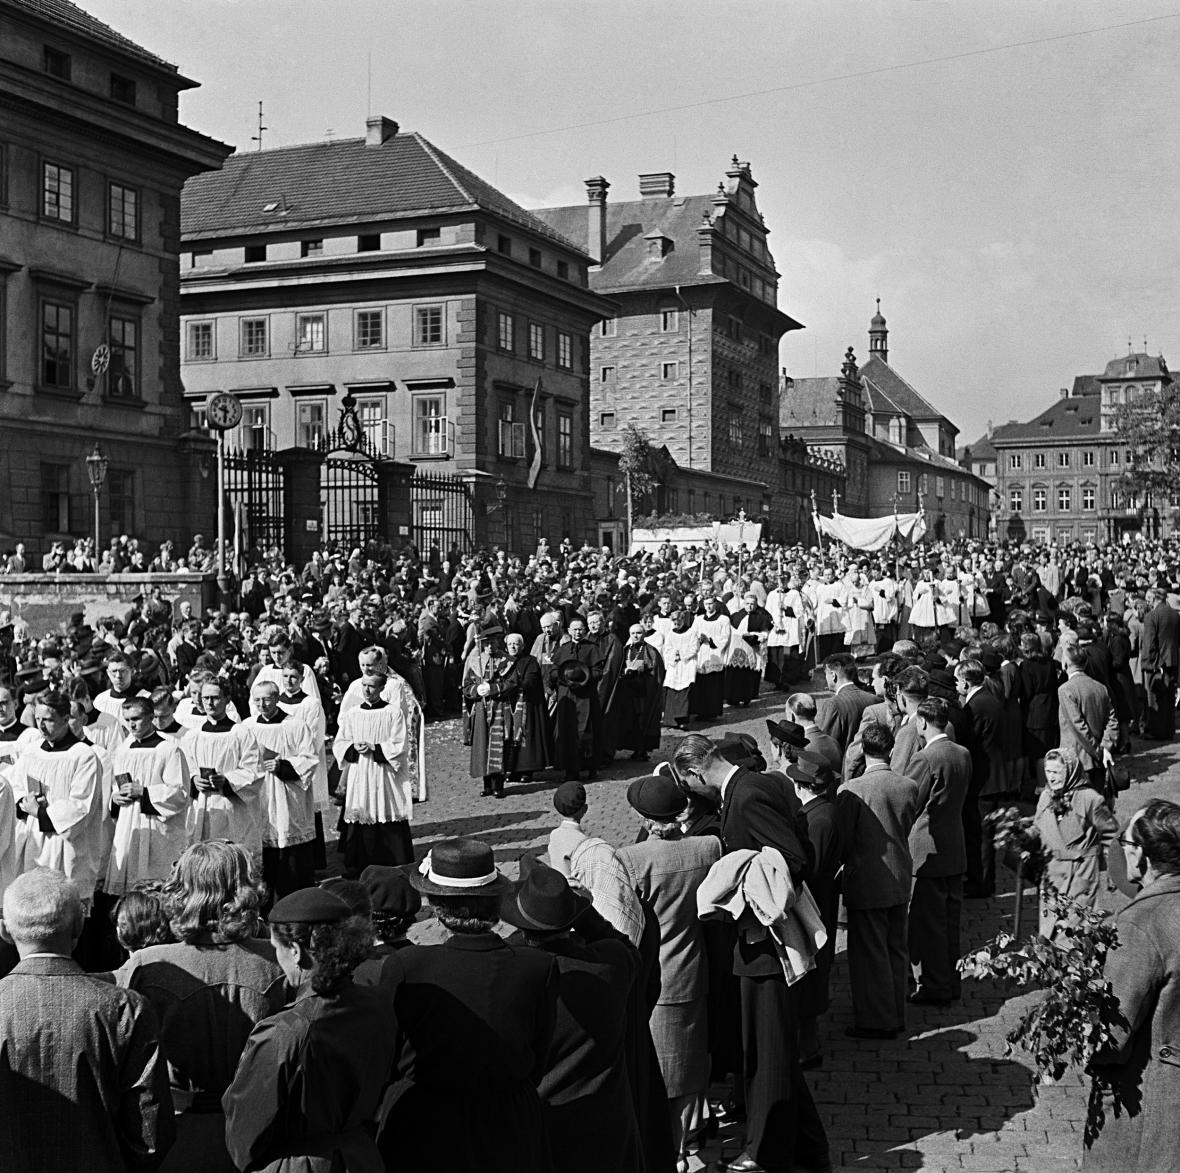 Průvod při slavnosti Božího těla v roce 1948. O rok později po ní arcibiskup Beran skončil v domácím vězení